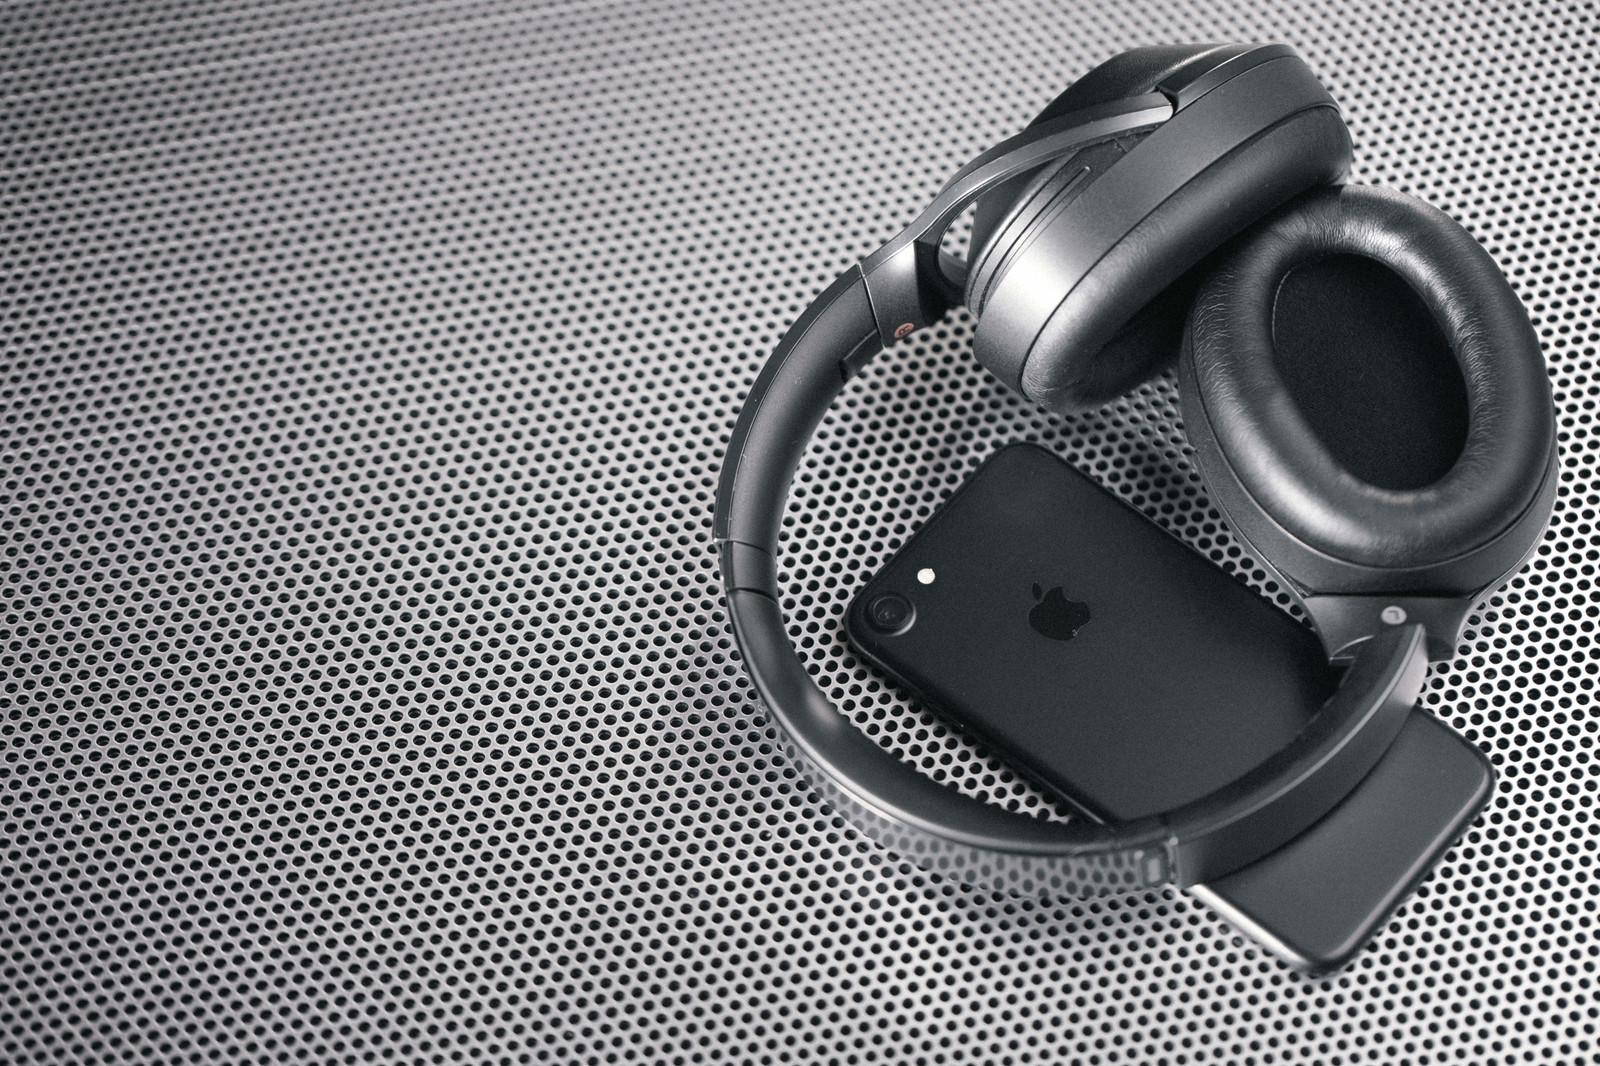 「スマートフォンと同期するワイヤレスヘッドホンスマートフォンと同期するワイヤレスヘッドホン」のフリー写真素材を拡大